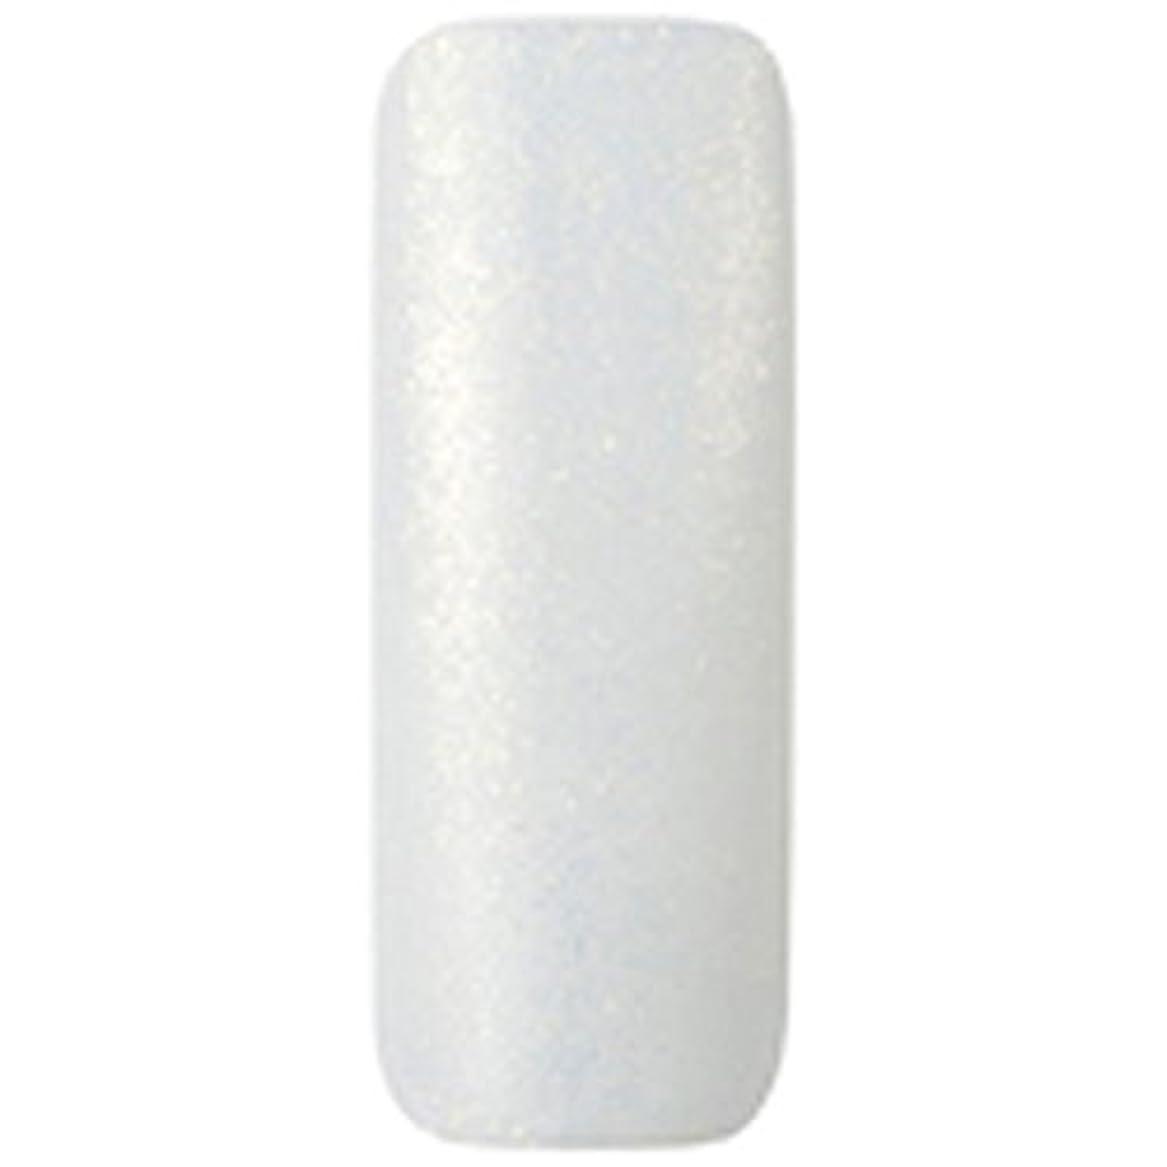 不透明なペパーミント人道的グリッター 2g イエローダイヤモンド